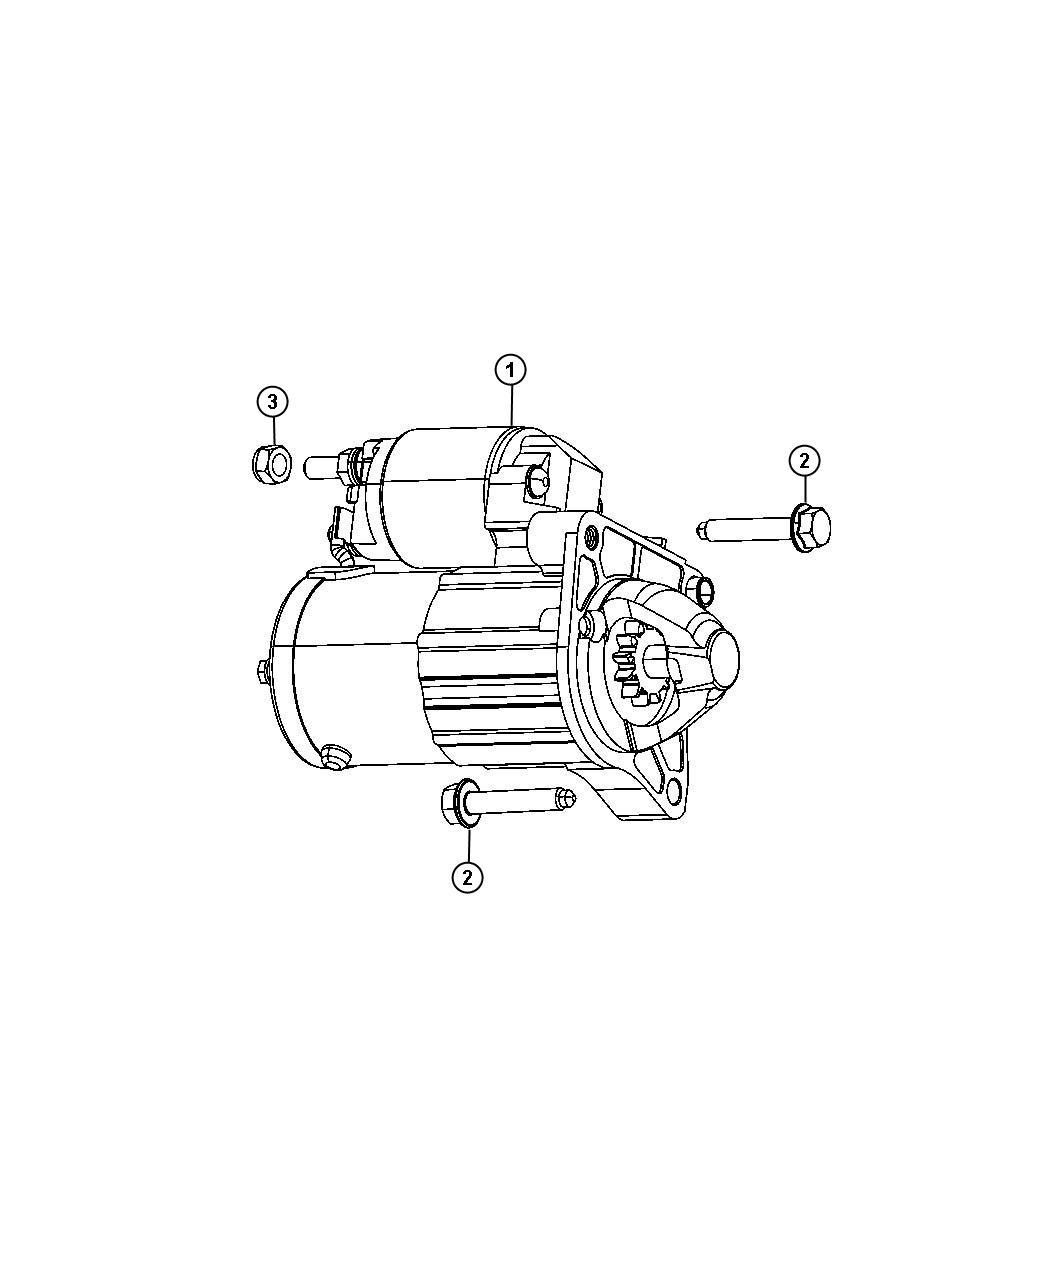 2013 Dodge Dart Limited 1 4l Turbo I4 M  T Starter  Remanufactured  Engine